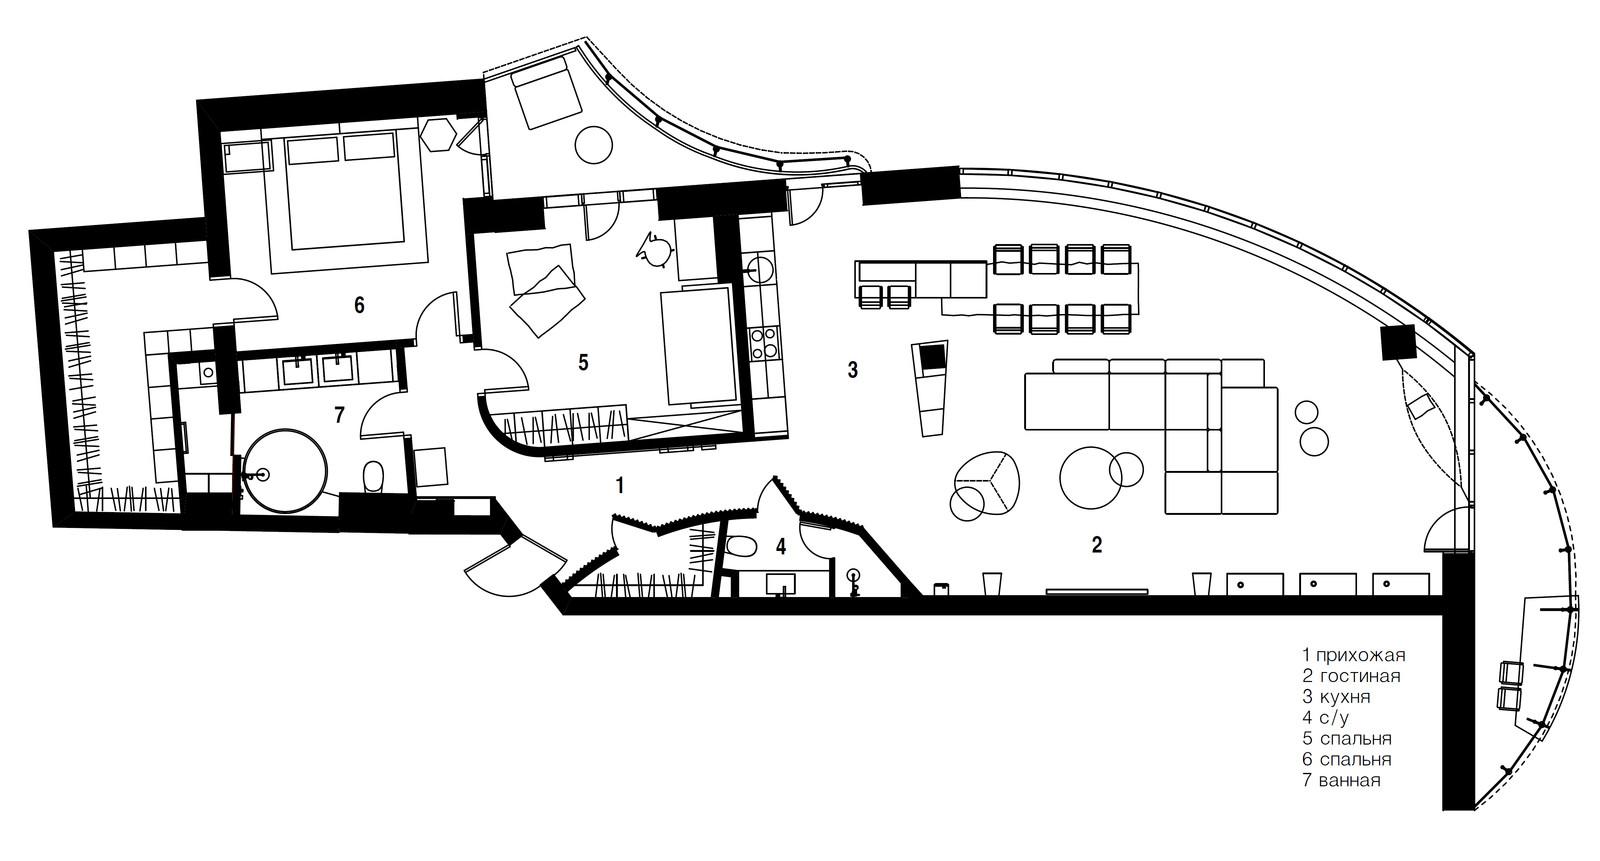 панорамни прозорци и свобода в просторния градски апартамент_план